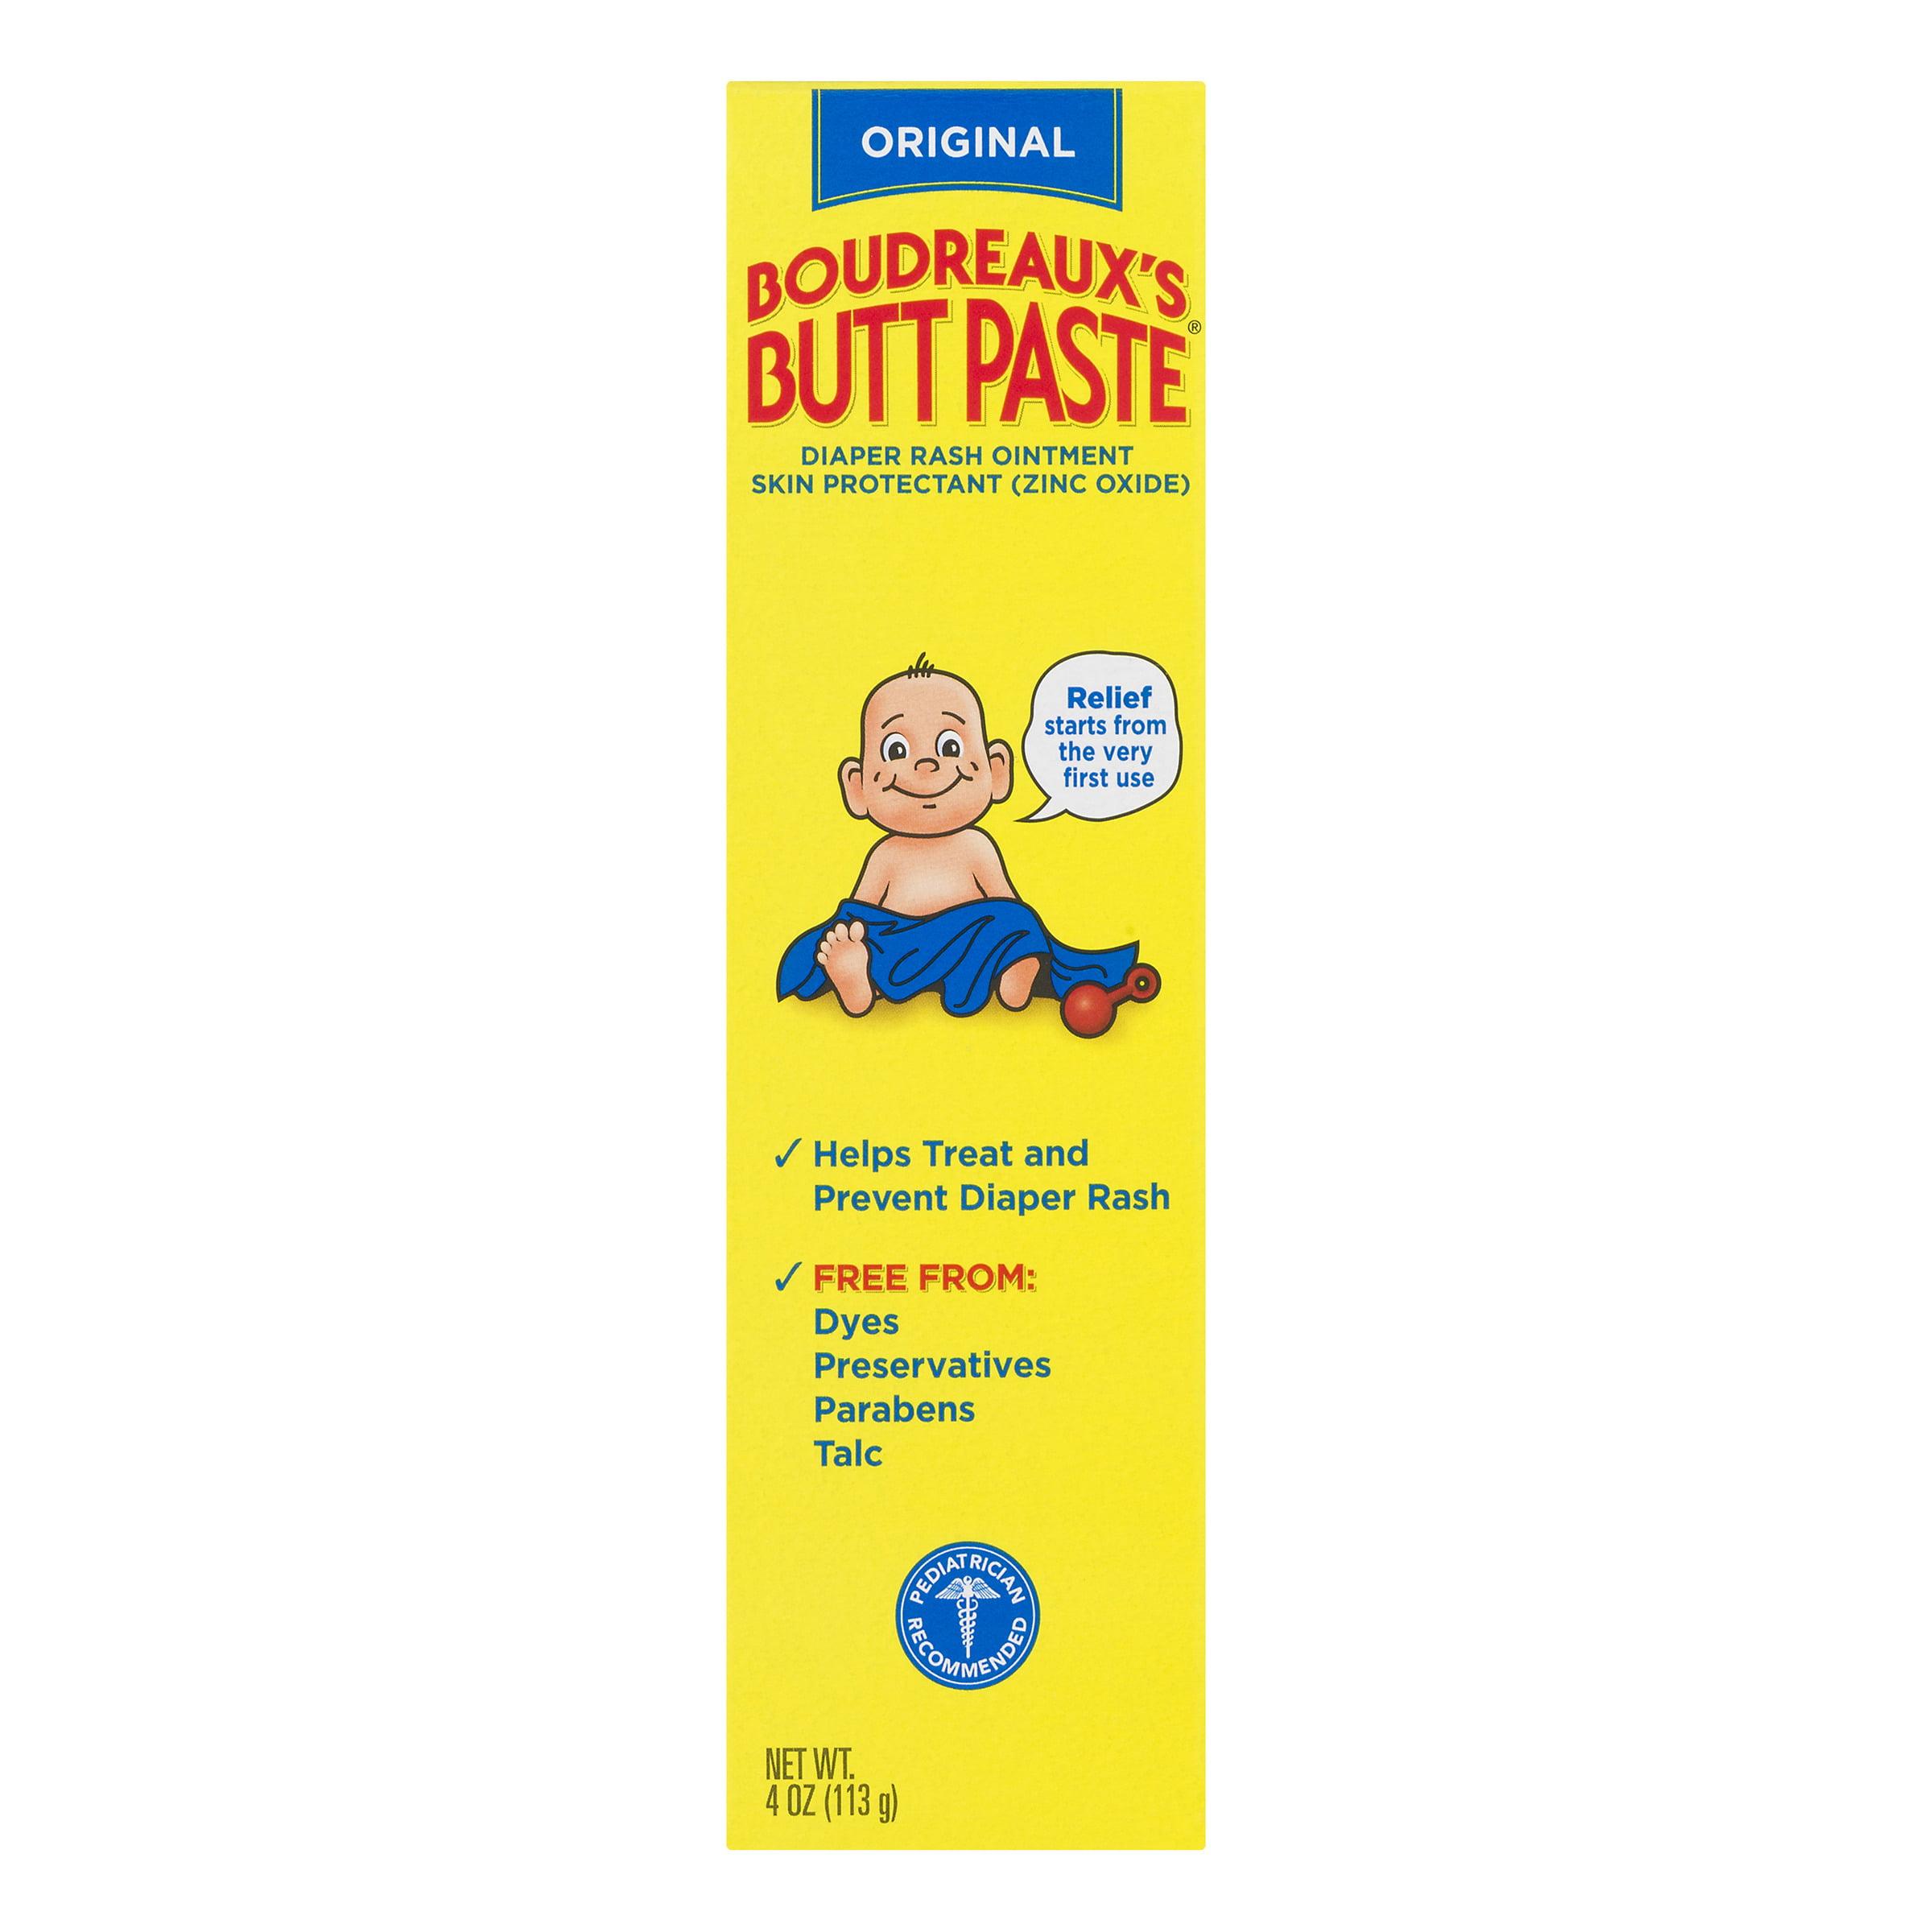 Boudreaux's Butt Paste Original Diaper Rash Ointment, 3 oz